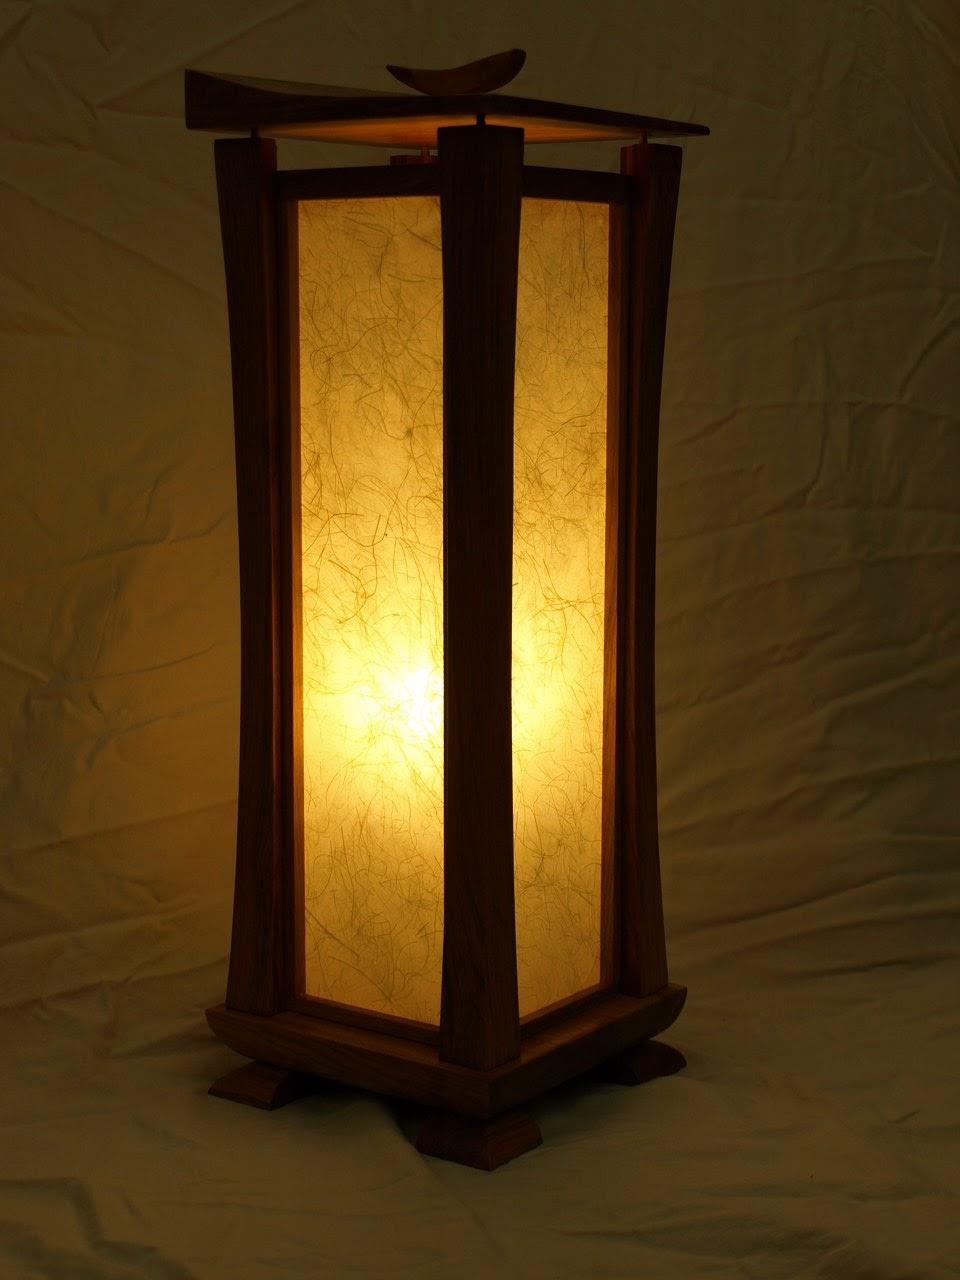 Taylor BenchWorks: Shoji Lamps Finished